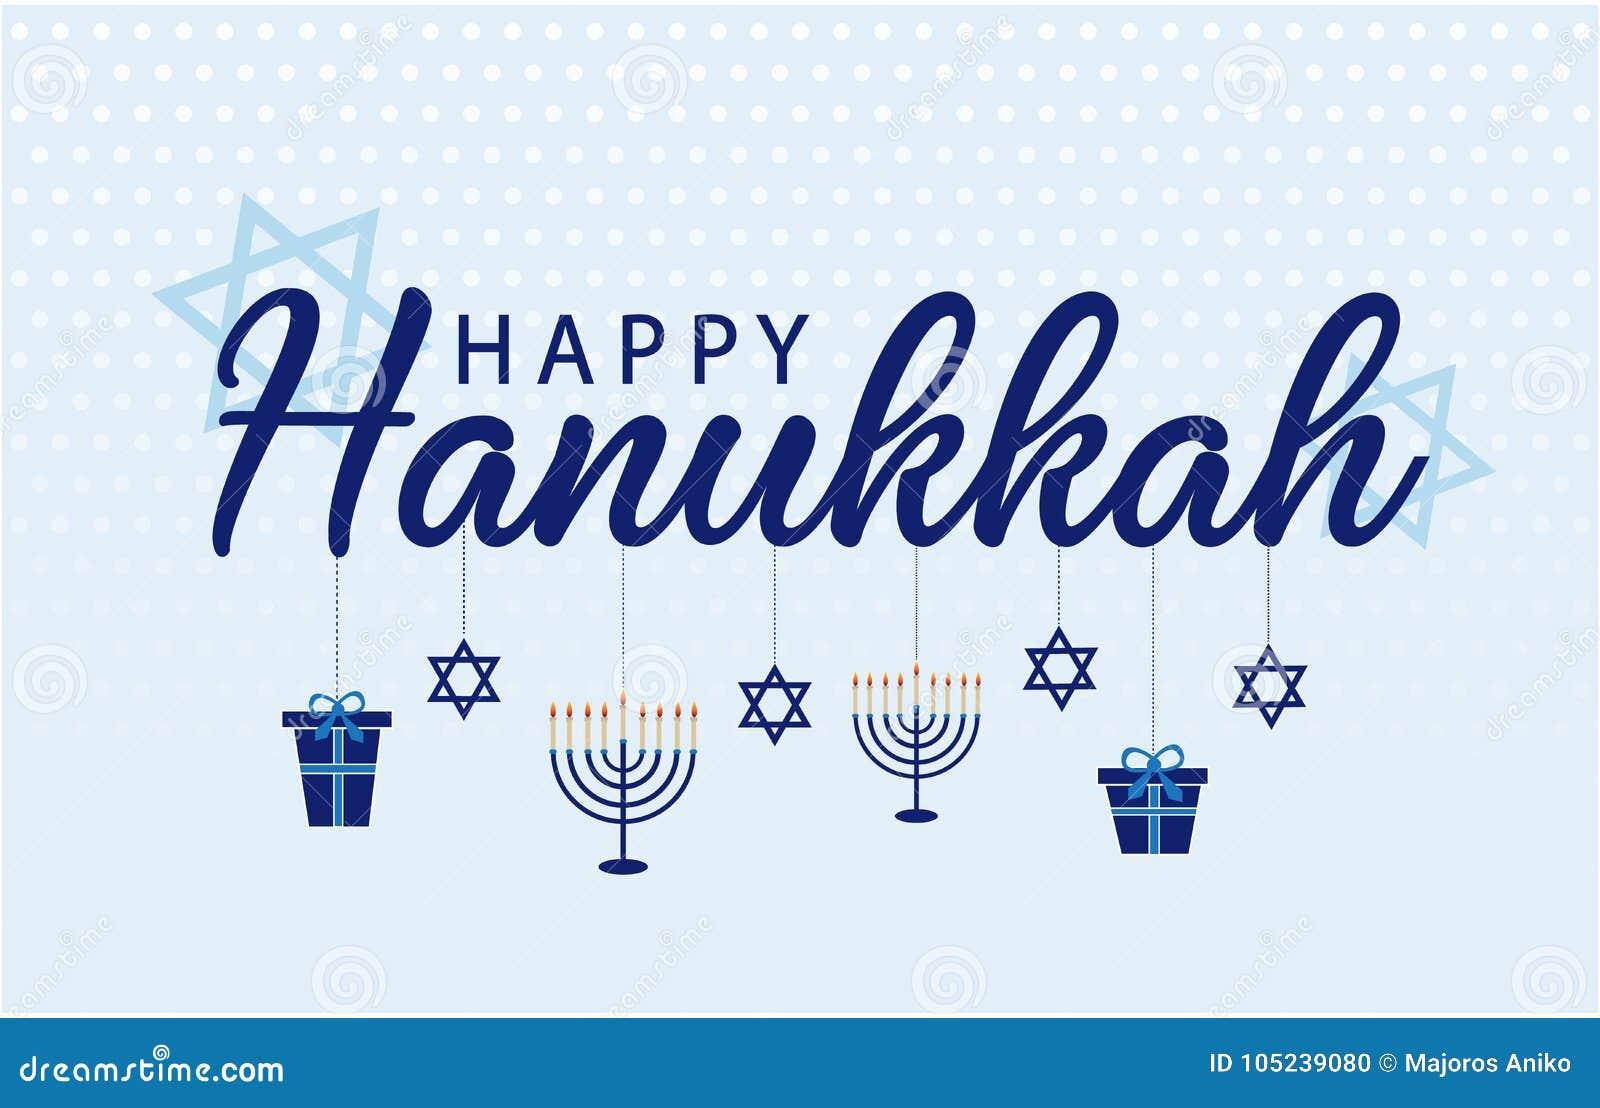 Cartão ou fundo do Hanukkah